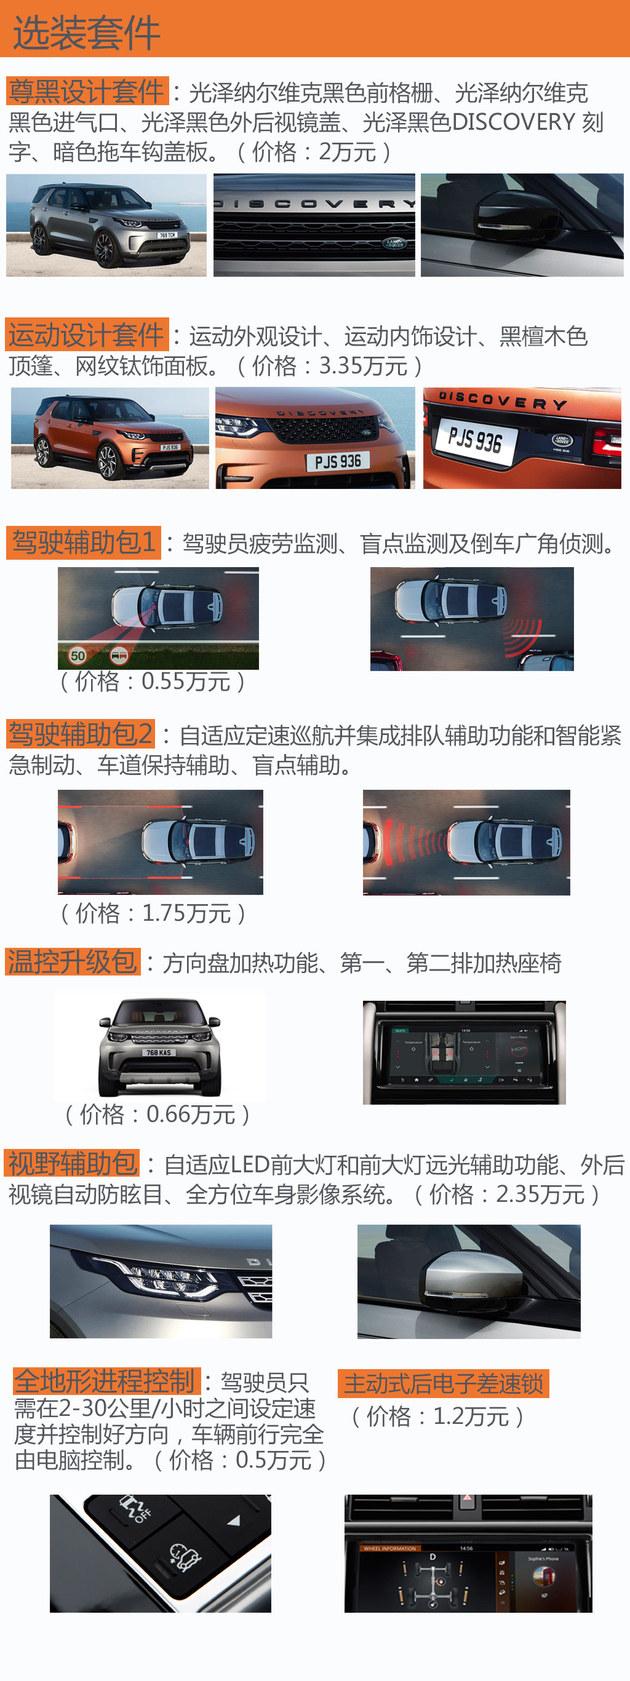 路虎全新一代发现购车手册 推荐S/HSE版